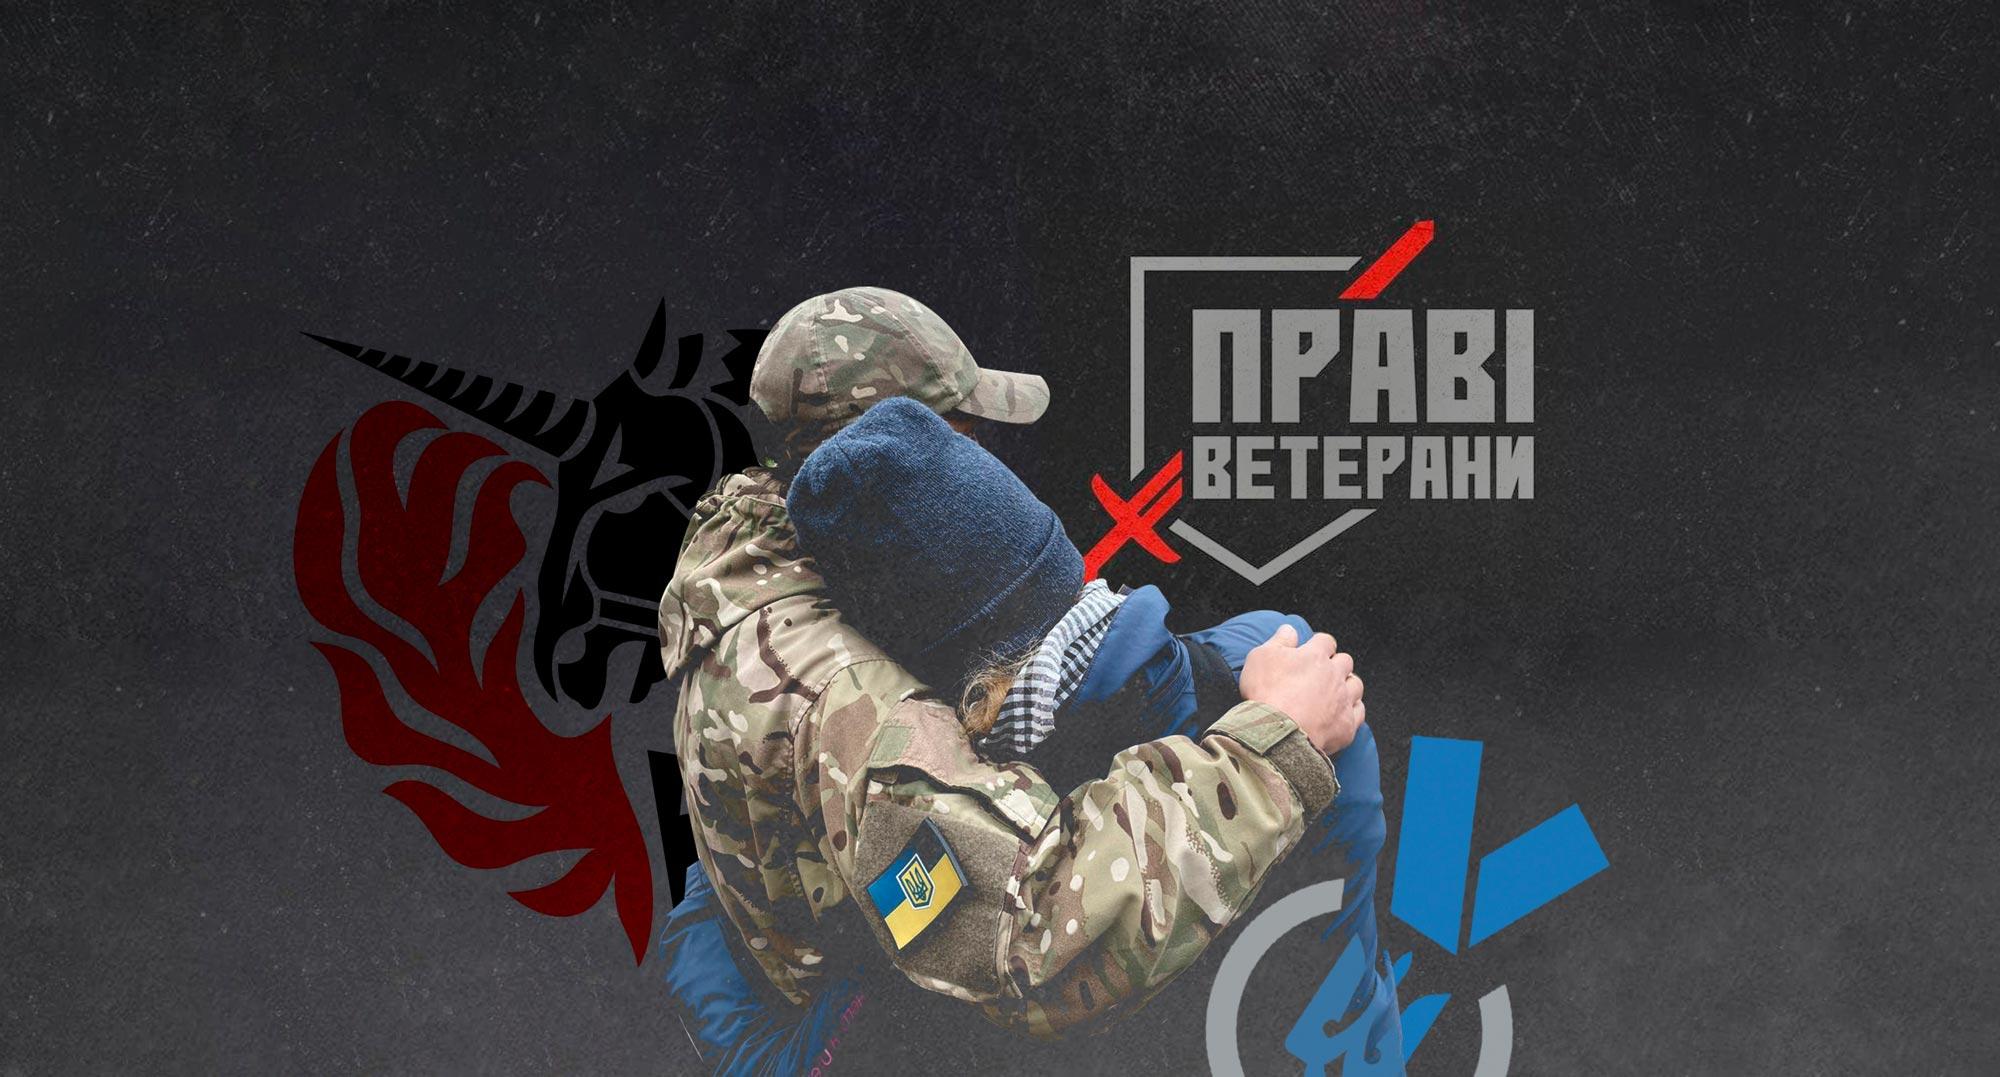 Праворадикалы попали в Общественный совет при Министерстве ветеранов Украины. Заборона рассказывает, кто именно, и почему это проблема